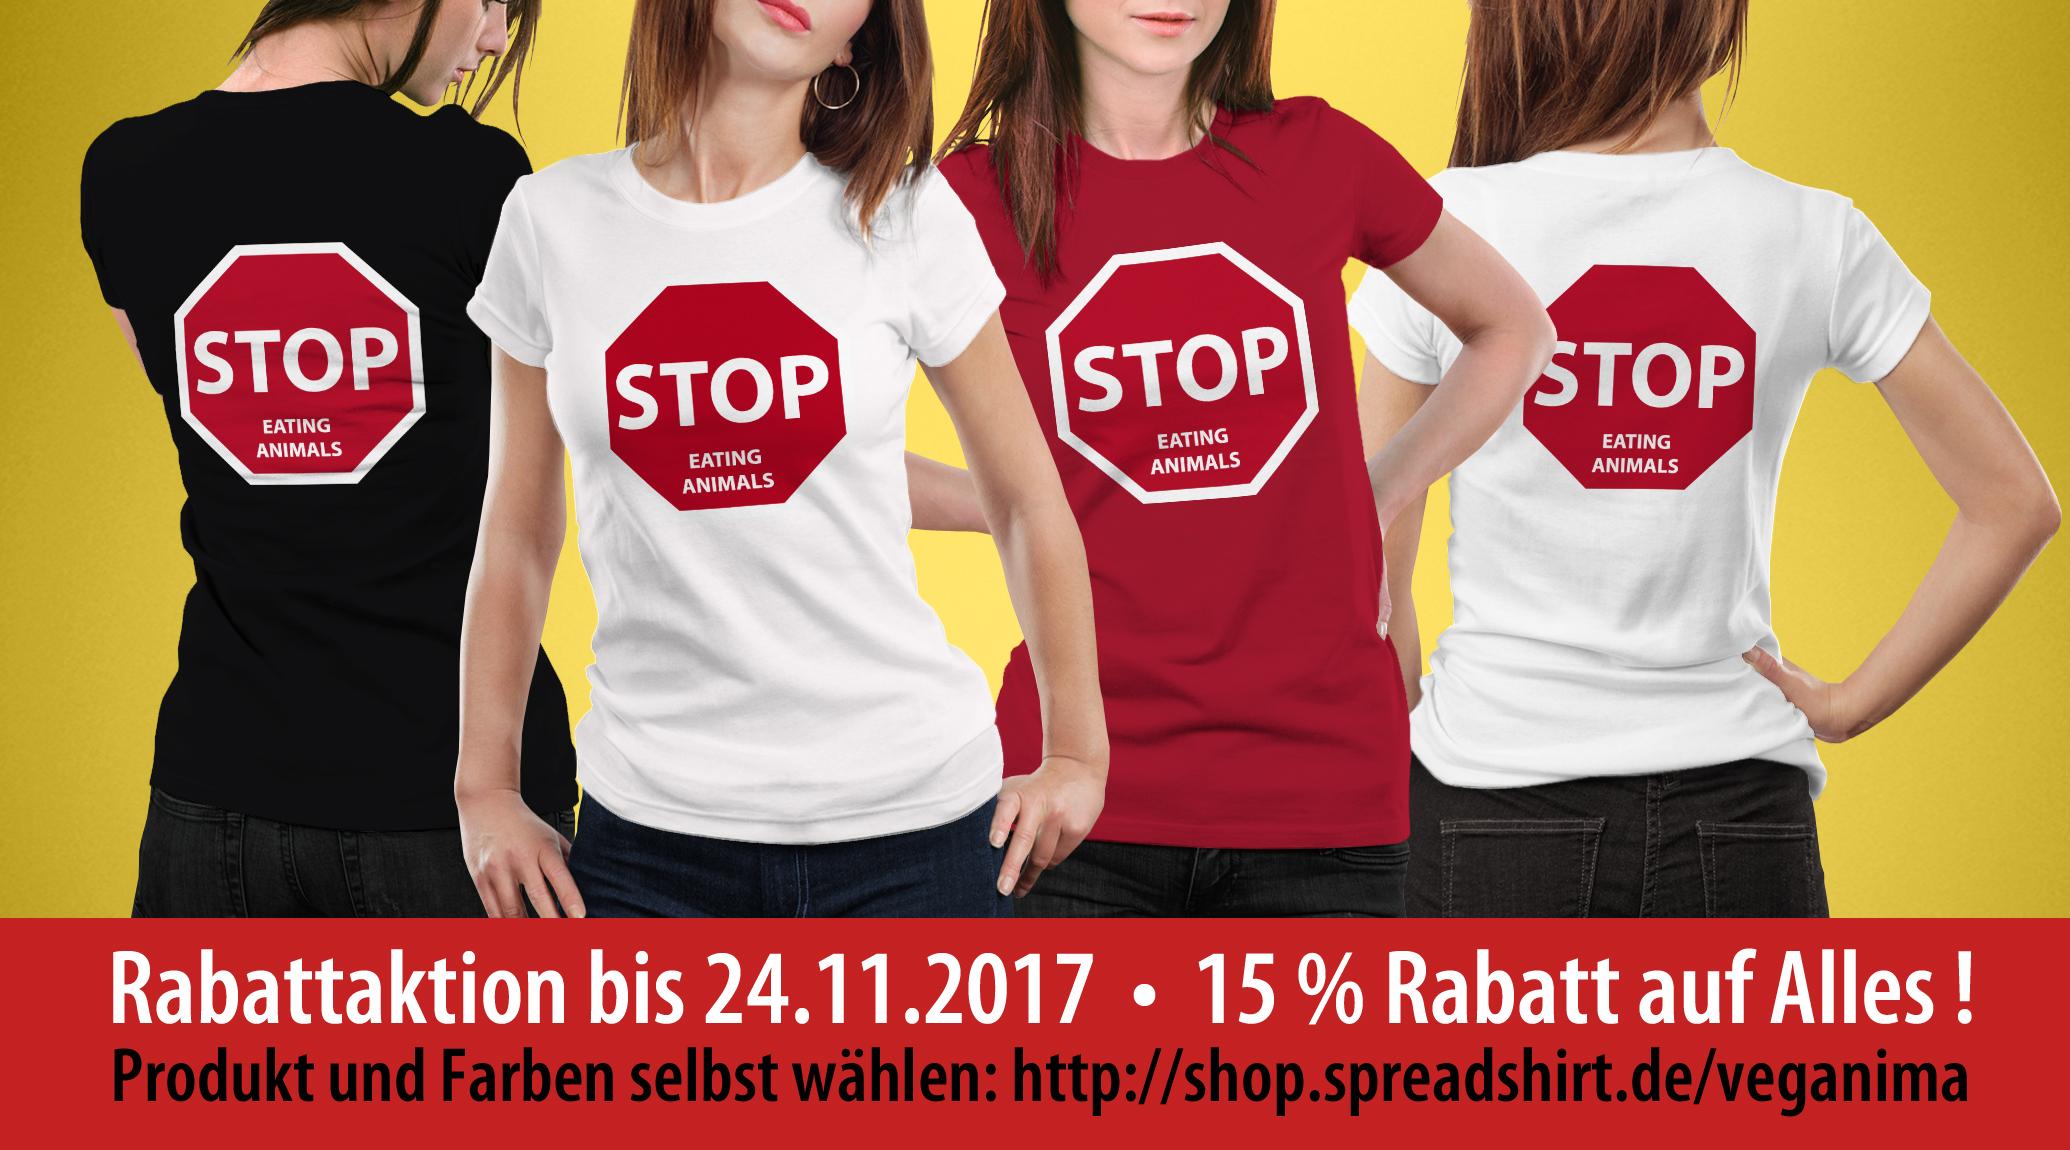 Rabattaktion - Vegane Shirts - Veganima